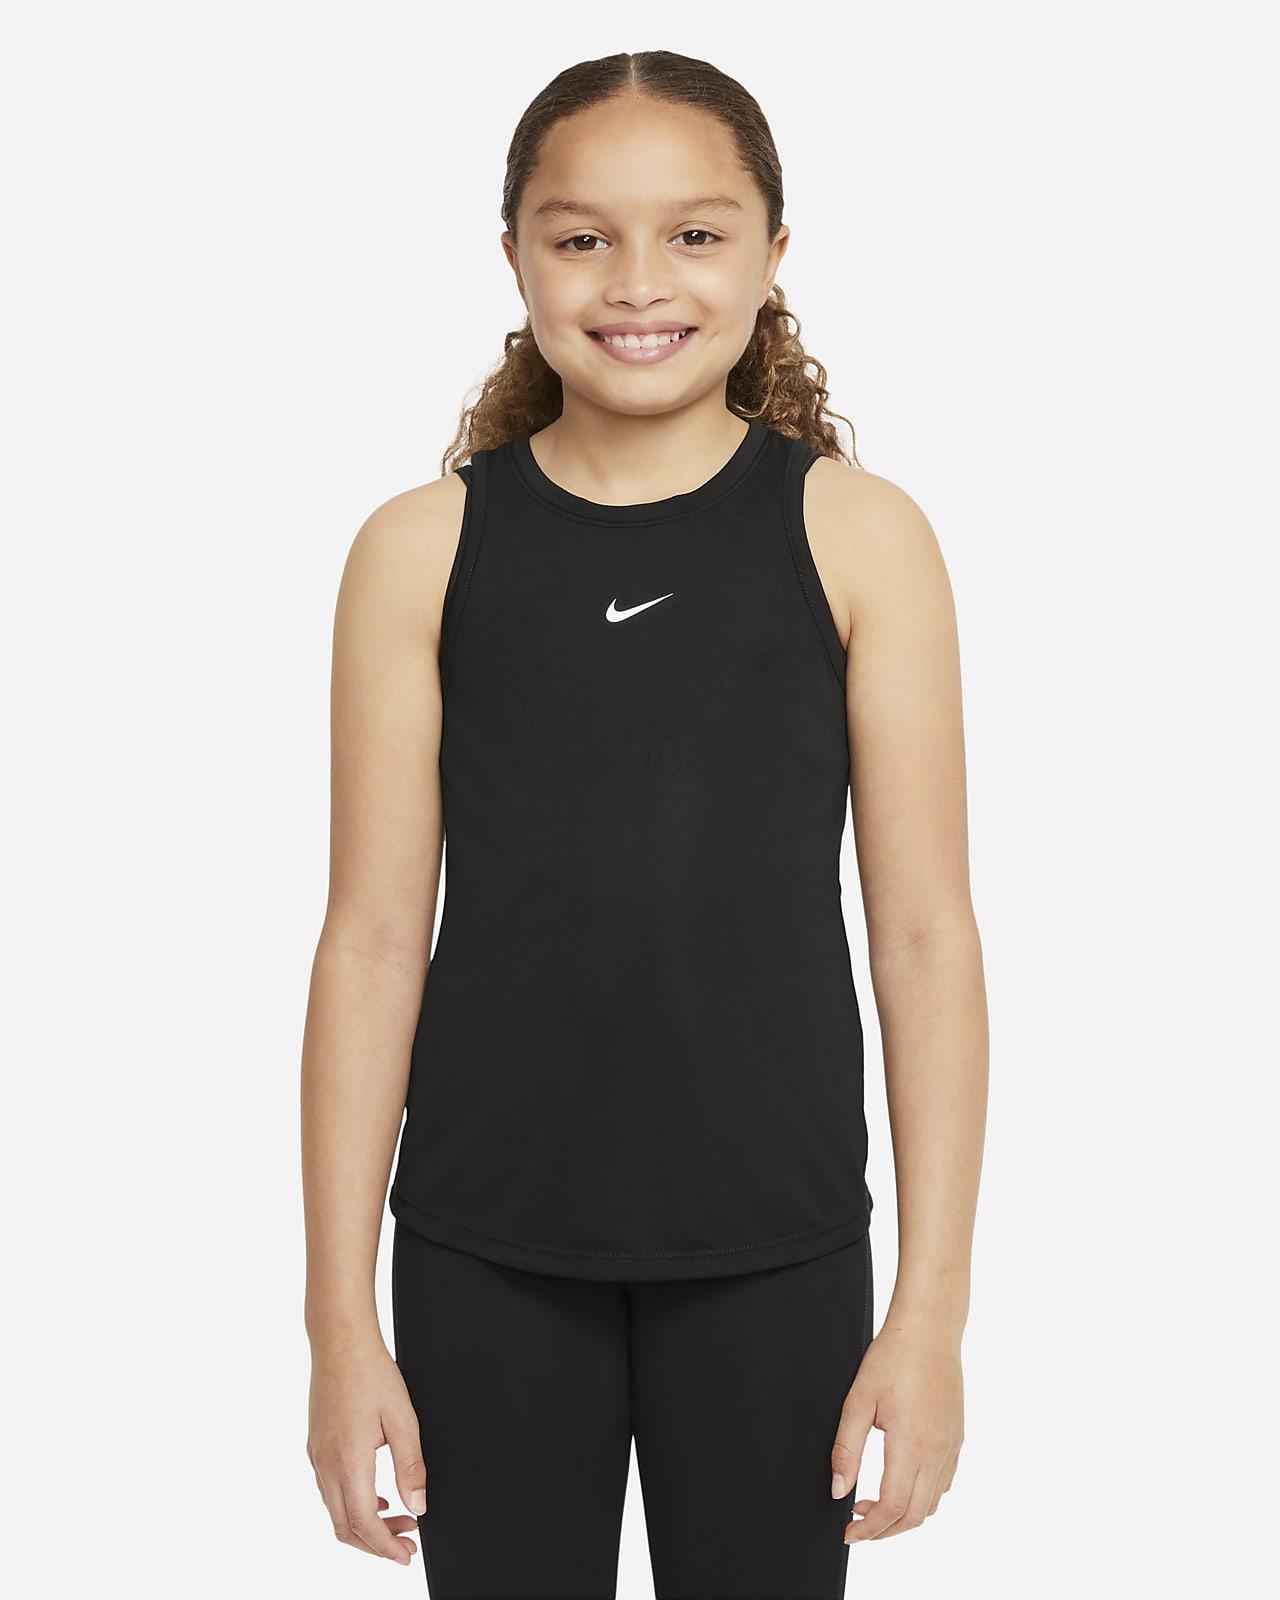 Nike Dri-FIT One Tanktop für ältere Kinder (Mädchen)